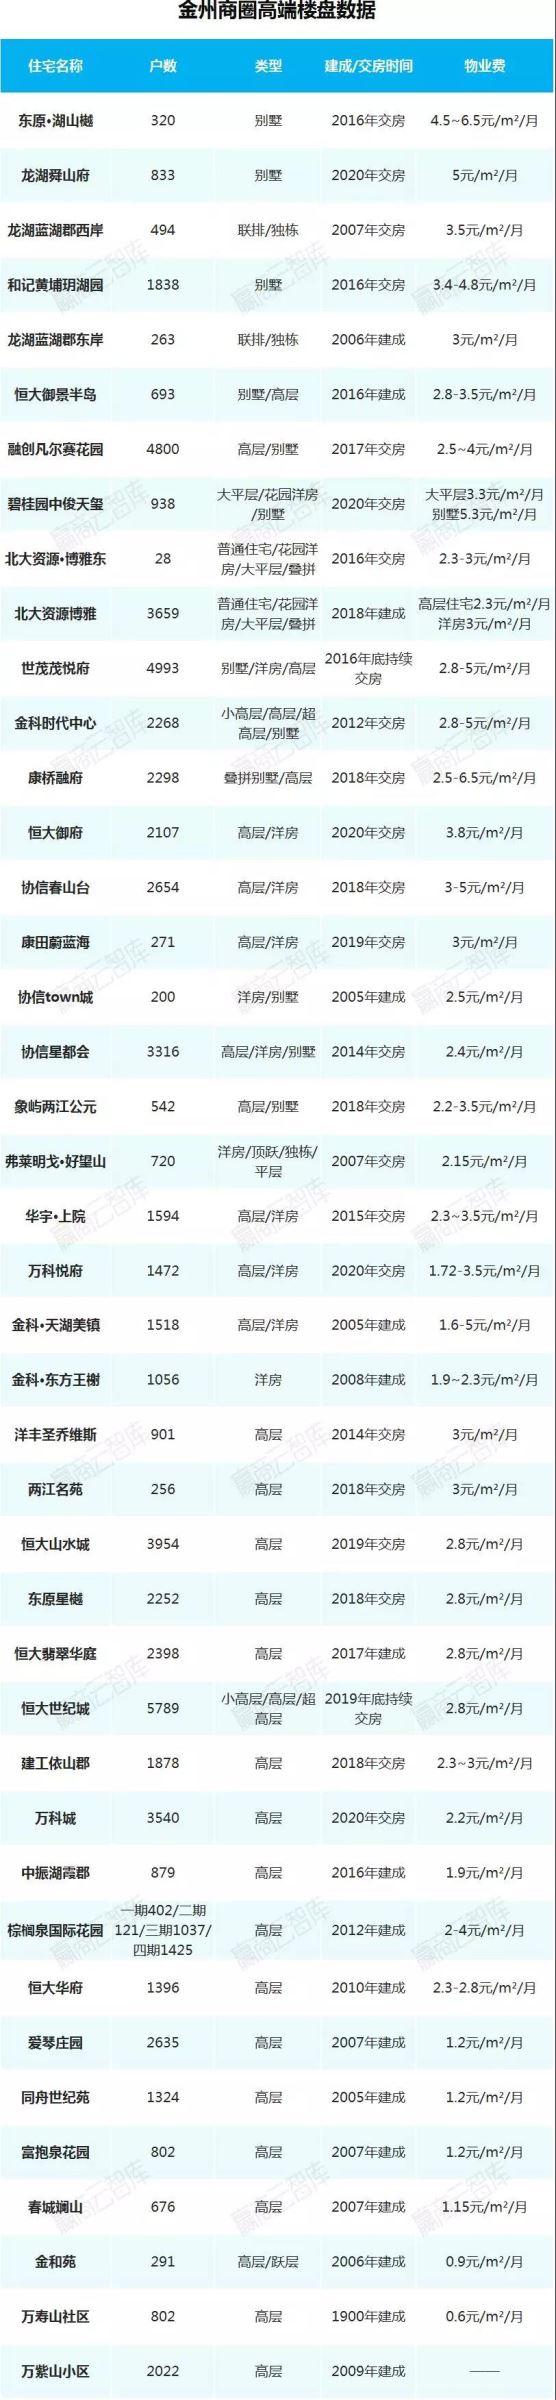 重庆金州商圈住宅项目